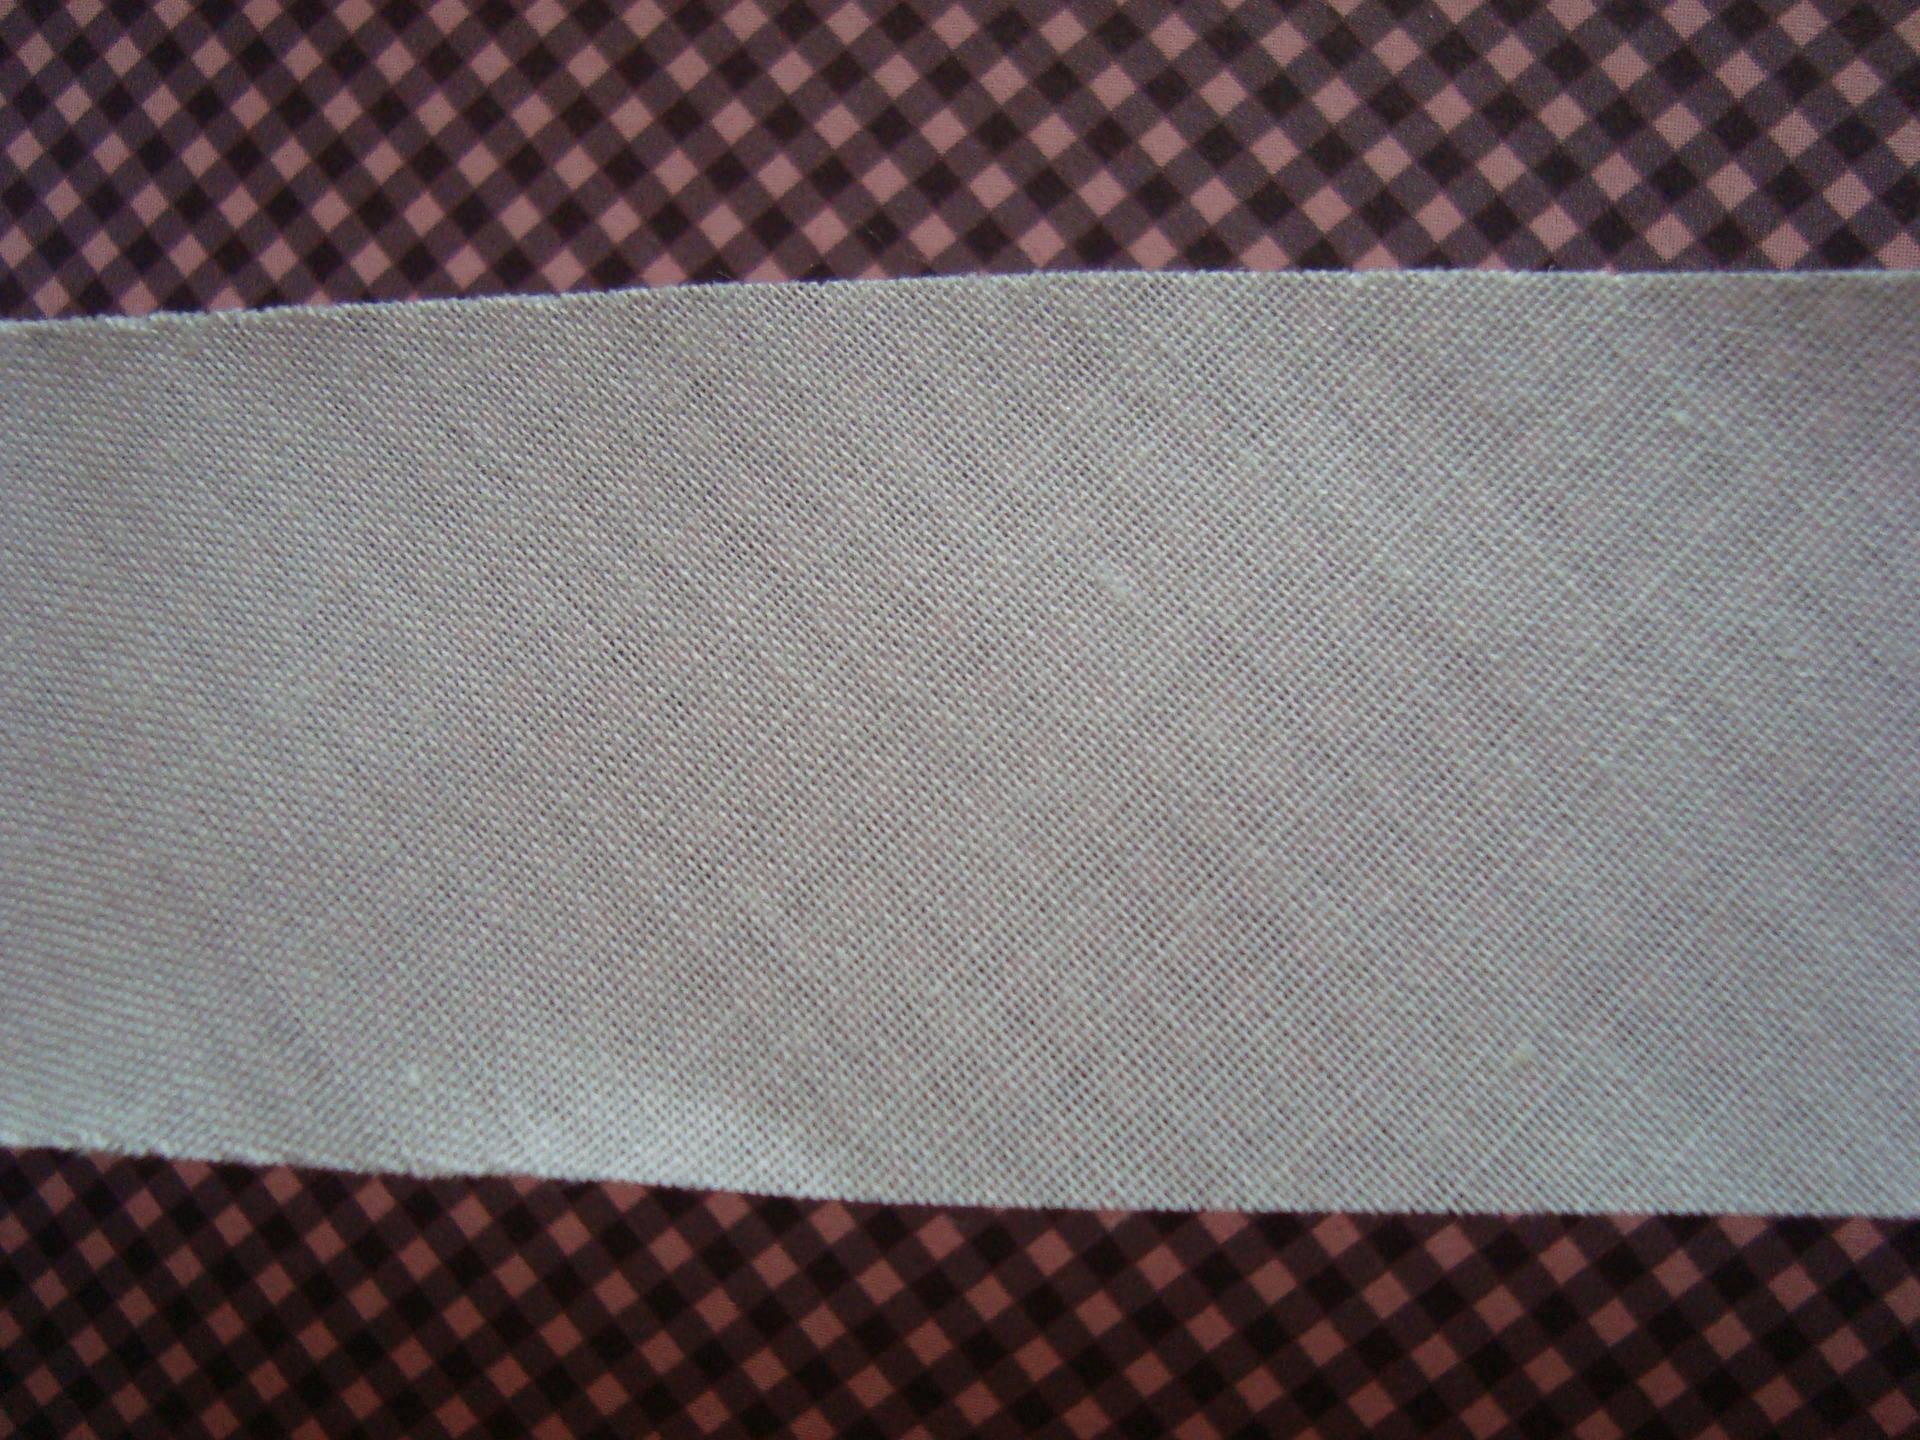 Biais plat 3 cm large non plié en coton blanc